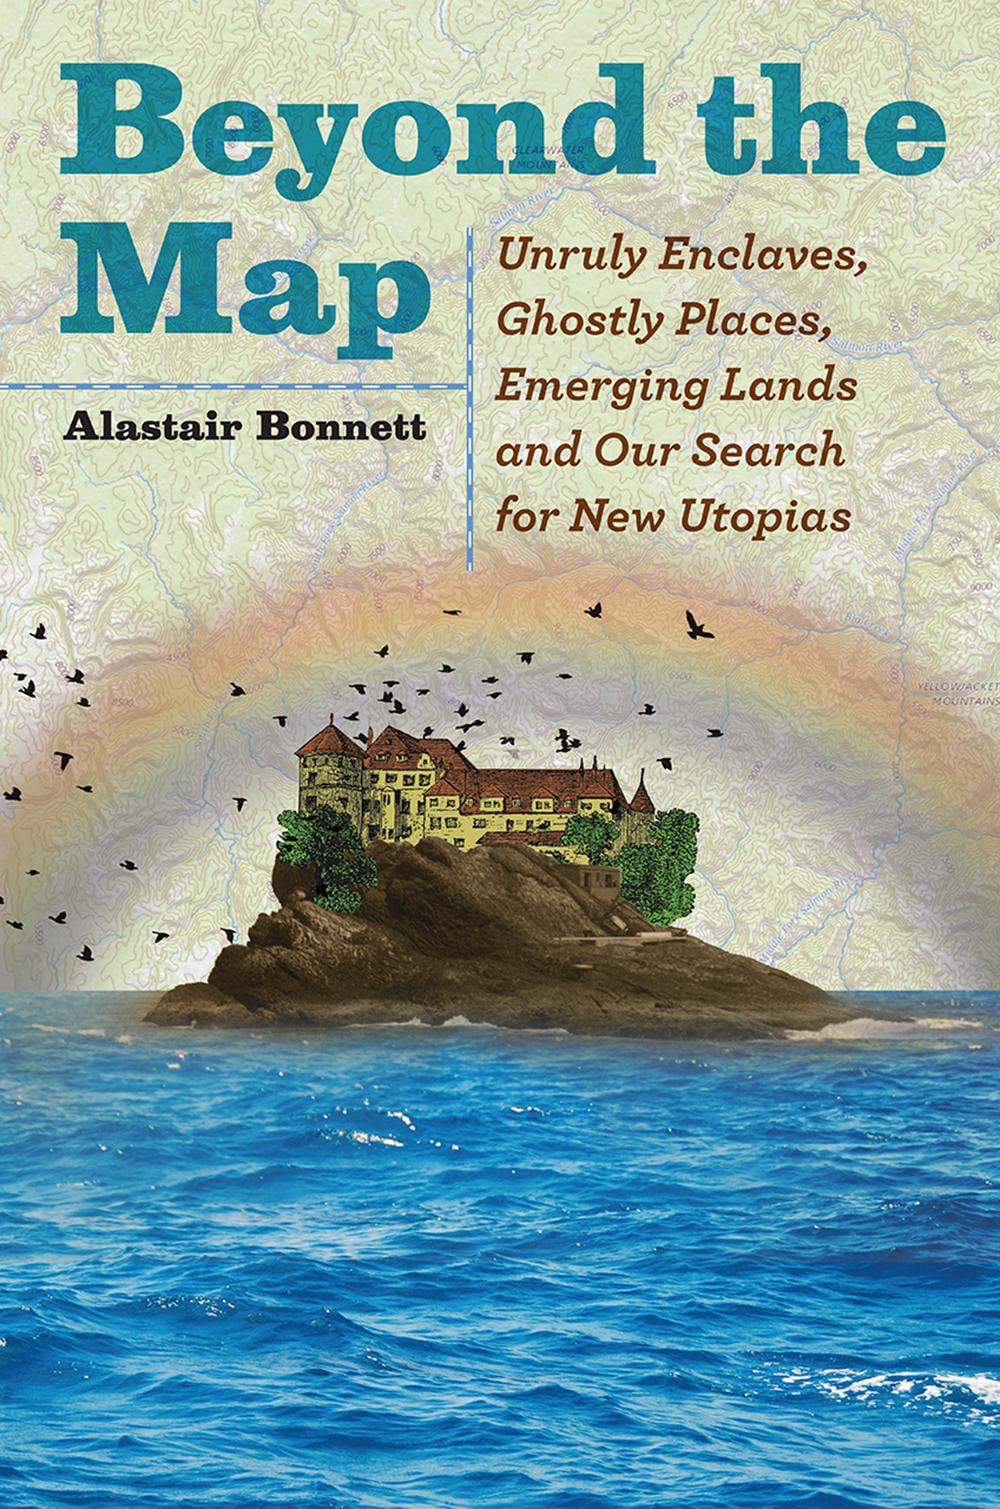 """Alastair Bonnett, """"Beyond the Map"""" (University of Chicago Press, 2018)."""